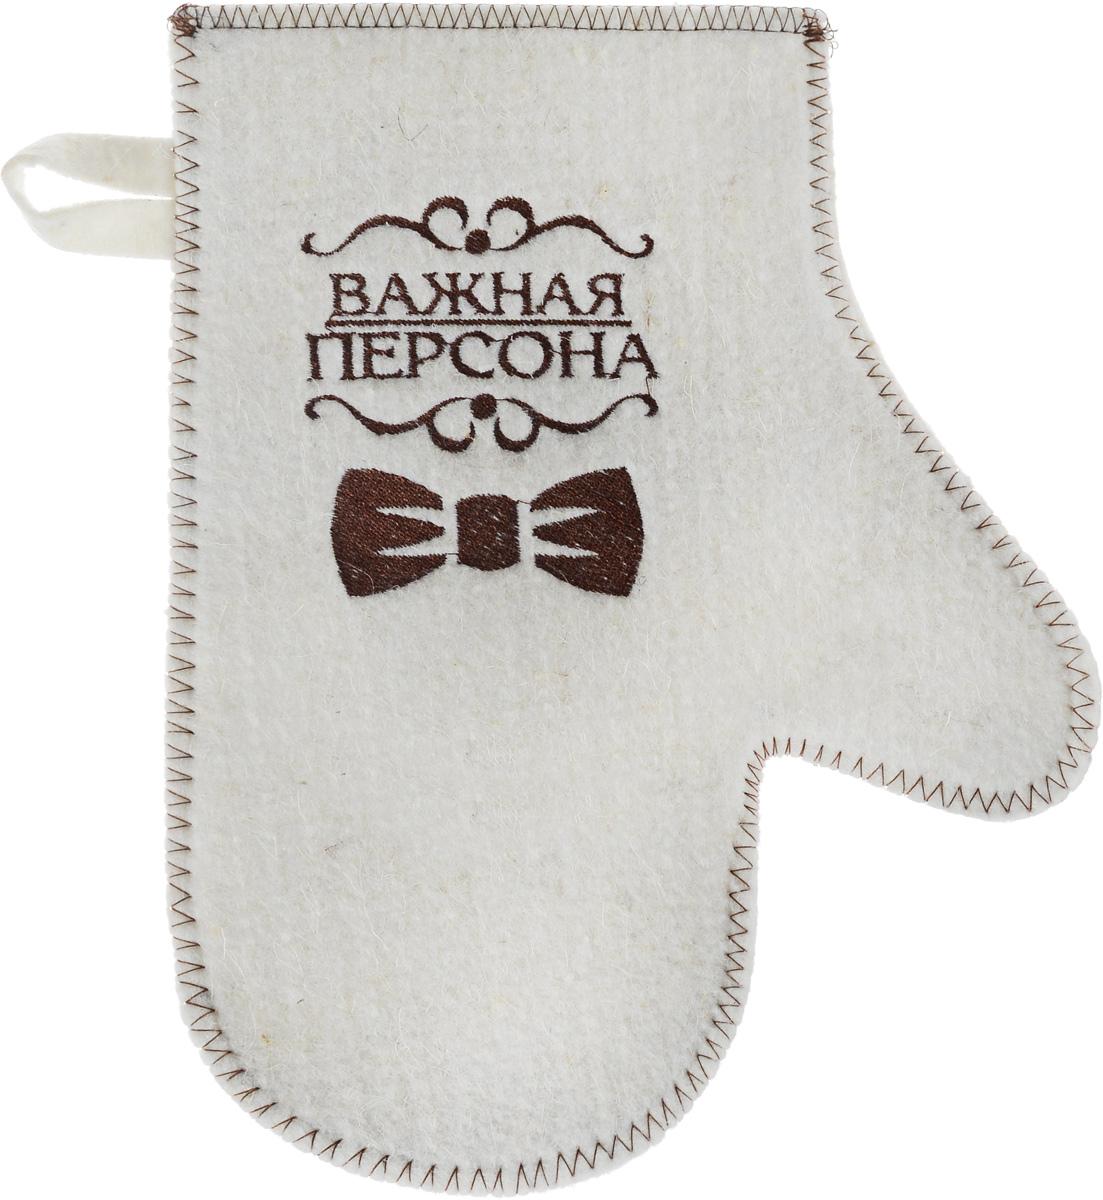 Рукавица для бани и сауны Главбаня Важная персонаБ4305Рукавица Главбаня Важная персона, изготовленная из войлока, - незаменимый банный атрибут. Изделие декорировано ярким рисунком и оснащено петелькой для подвешивания на крючок. Такая рукавица защищает руки от горячего пара, делает комфортным пребывание в парной. Также ею можно прекрасно промассировать тело.Размер рукавицы: 23 х 28 см.Материал: войлок (50% шерсть, 50% полиэфир).